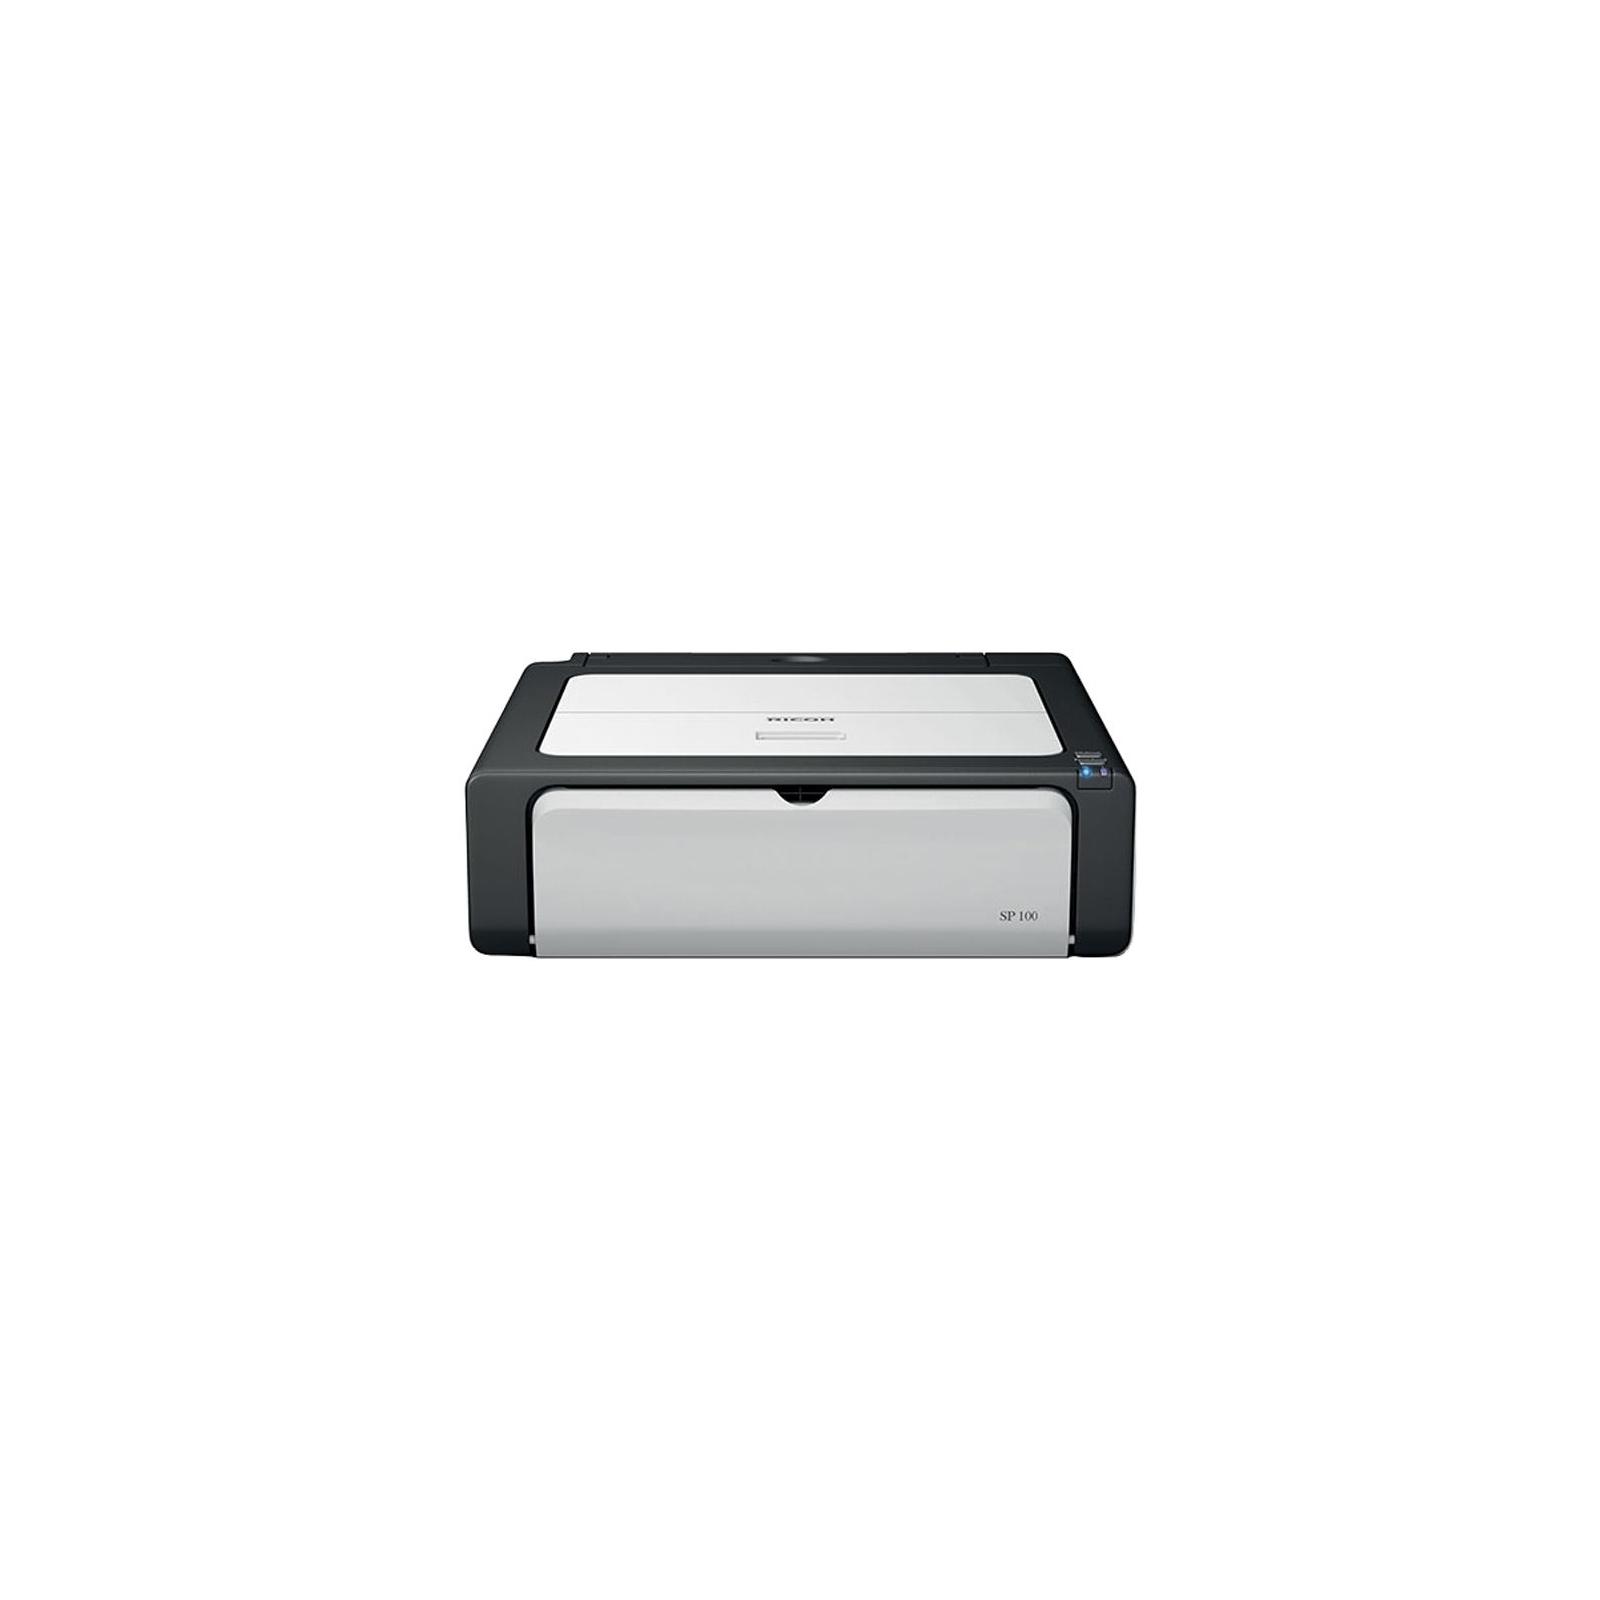 Лазерный принтер Ricoh SP100 (407490) изображение 3